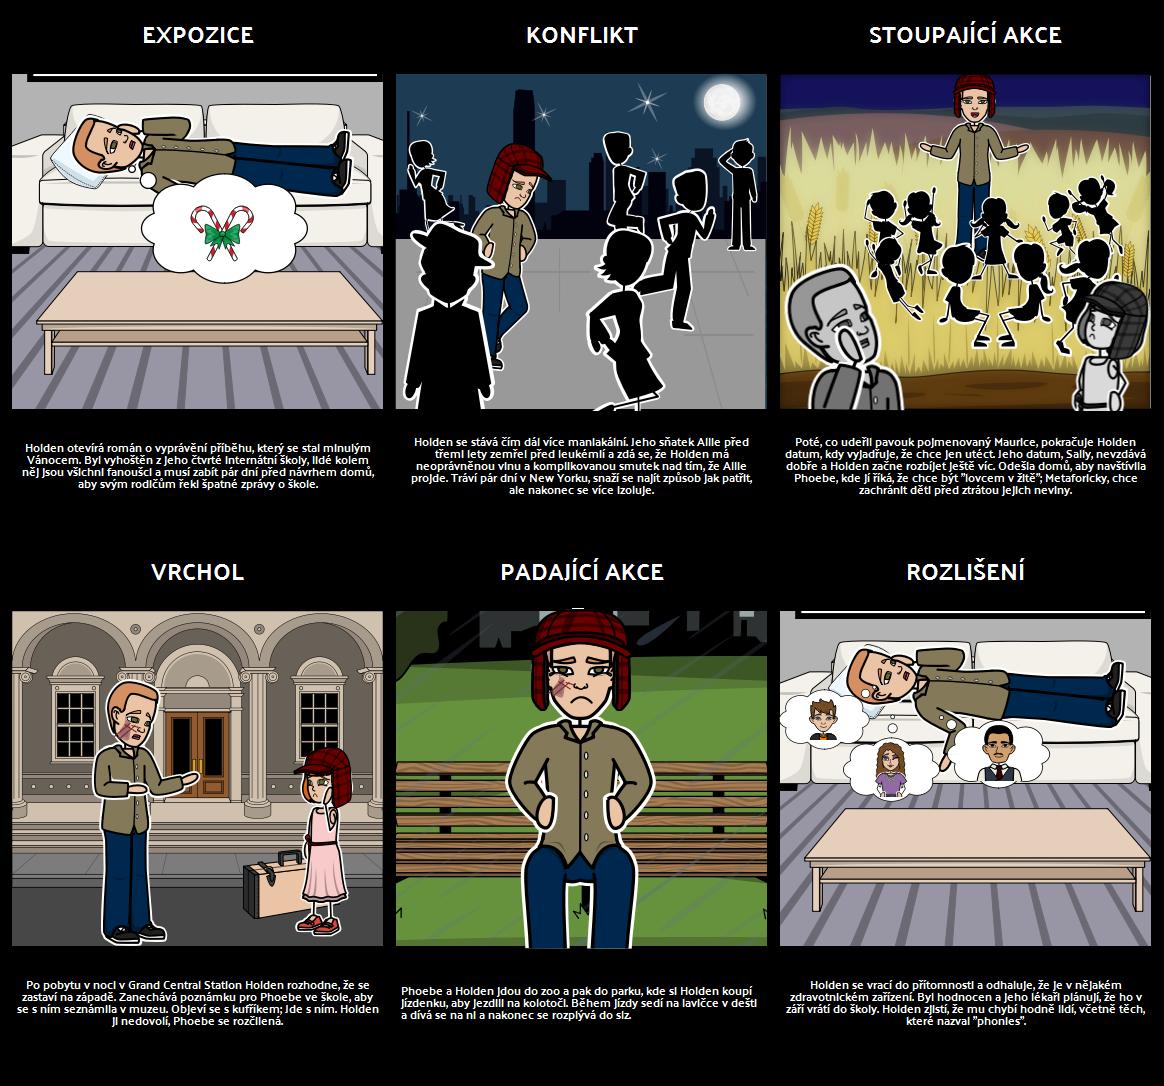 Kdo Chytá v Žitě - Plot Diagram